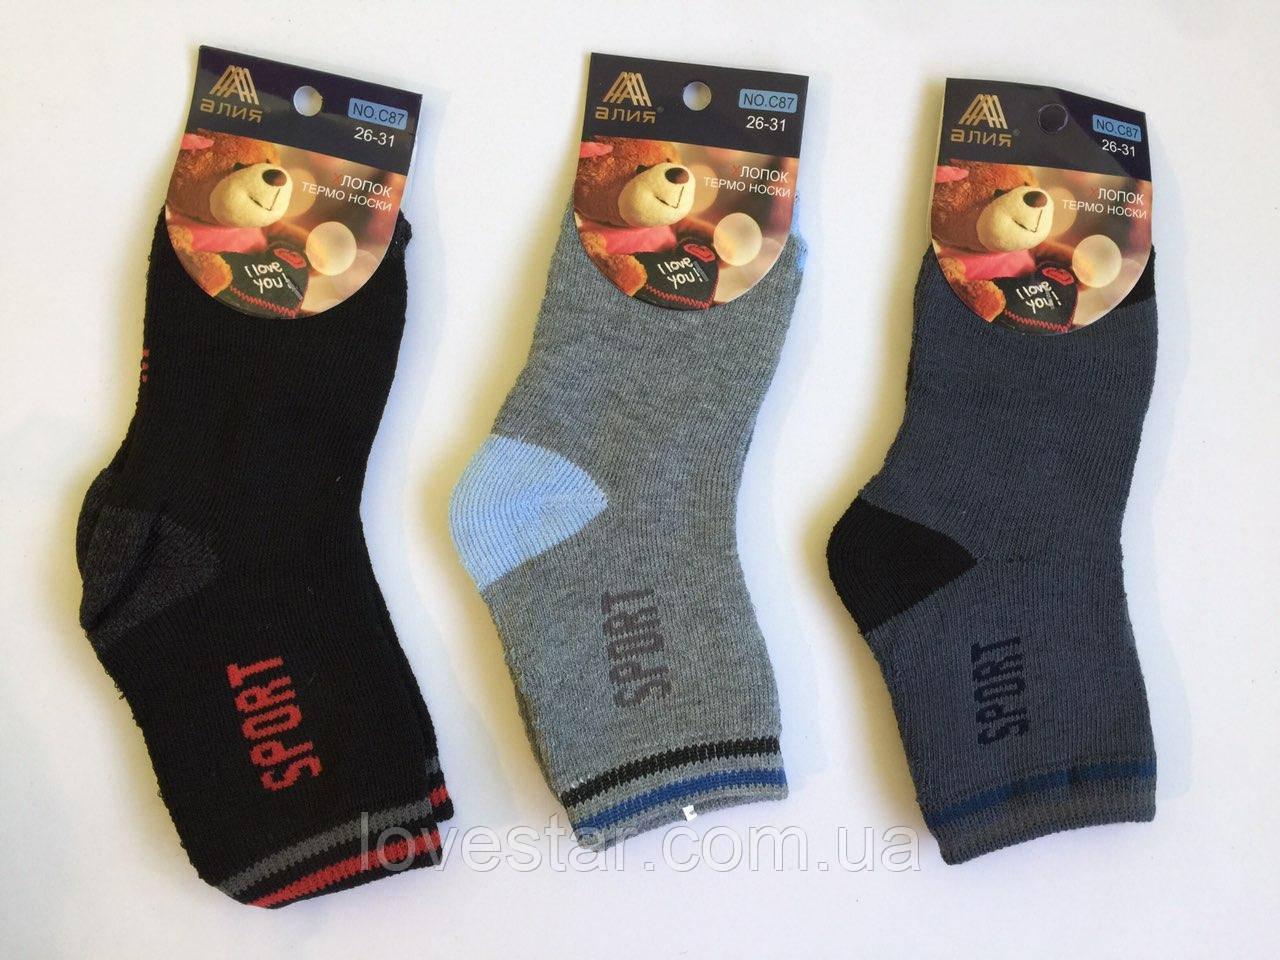 Дитячі махрові шкарпетки Р. р 21-26